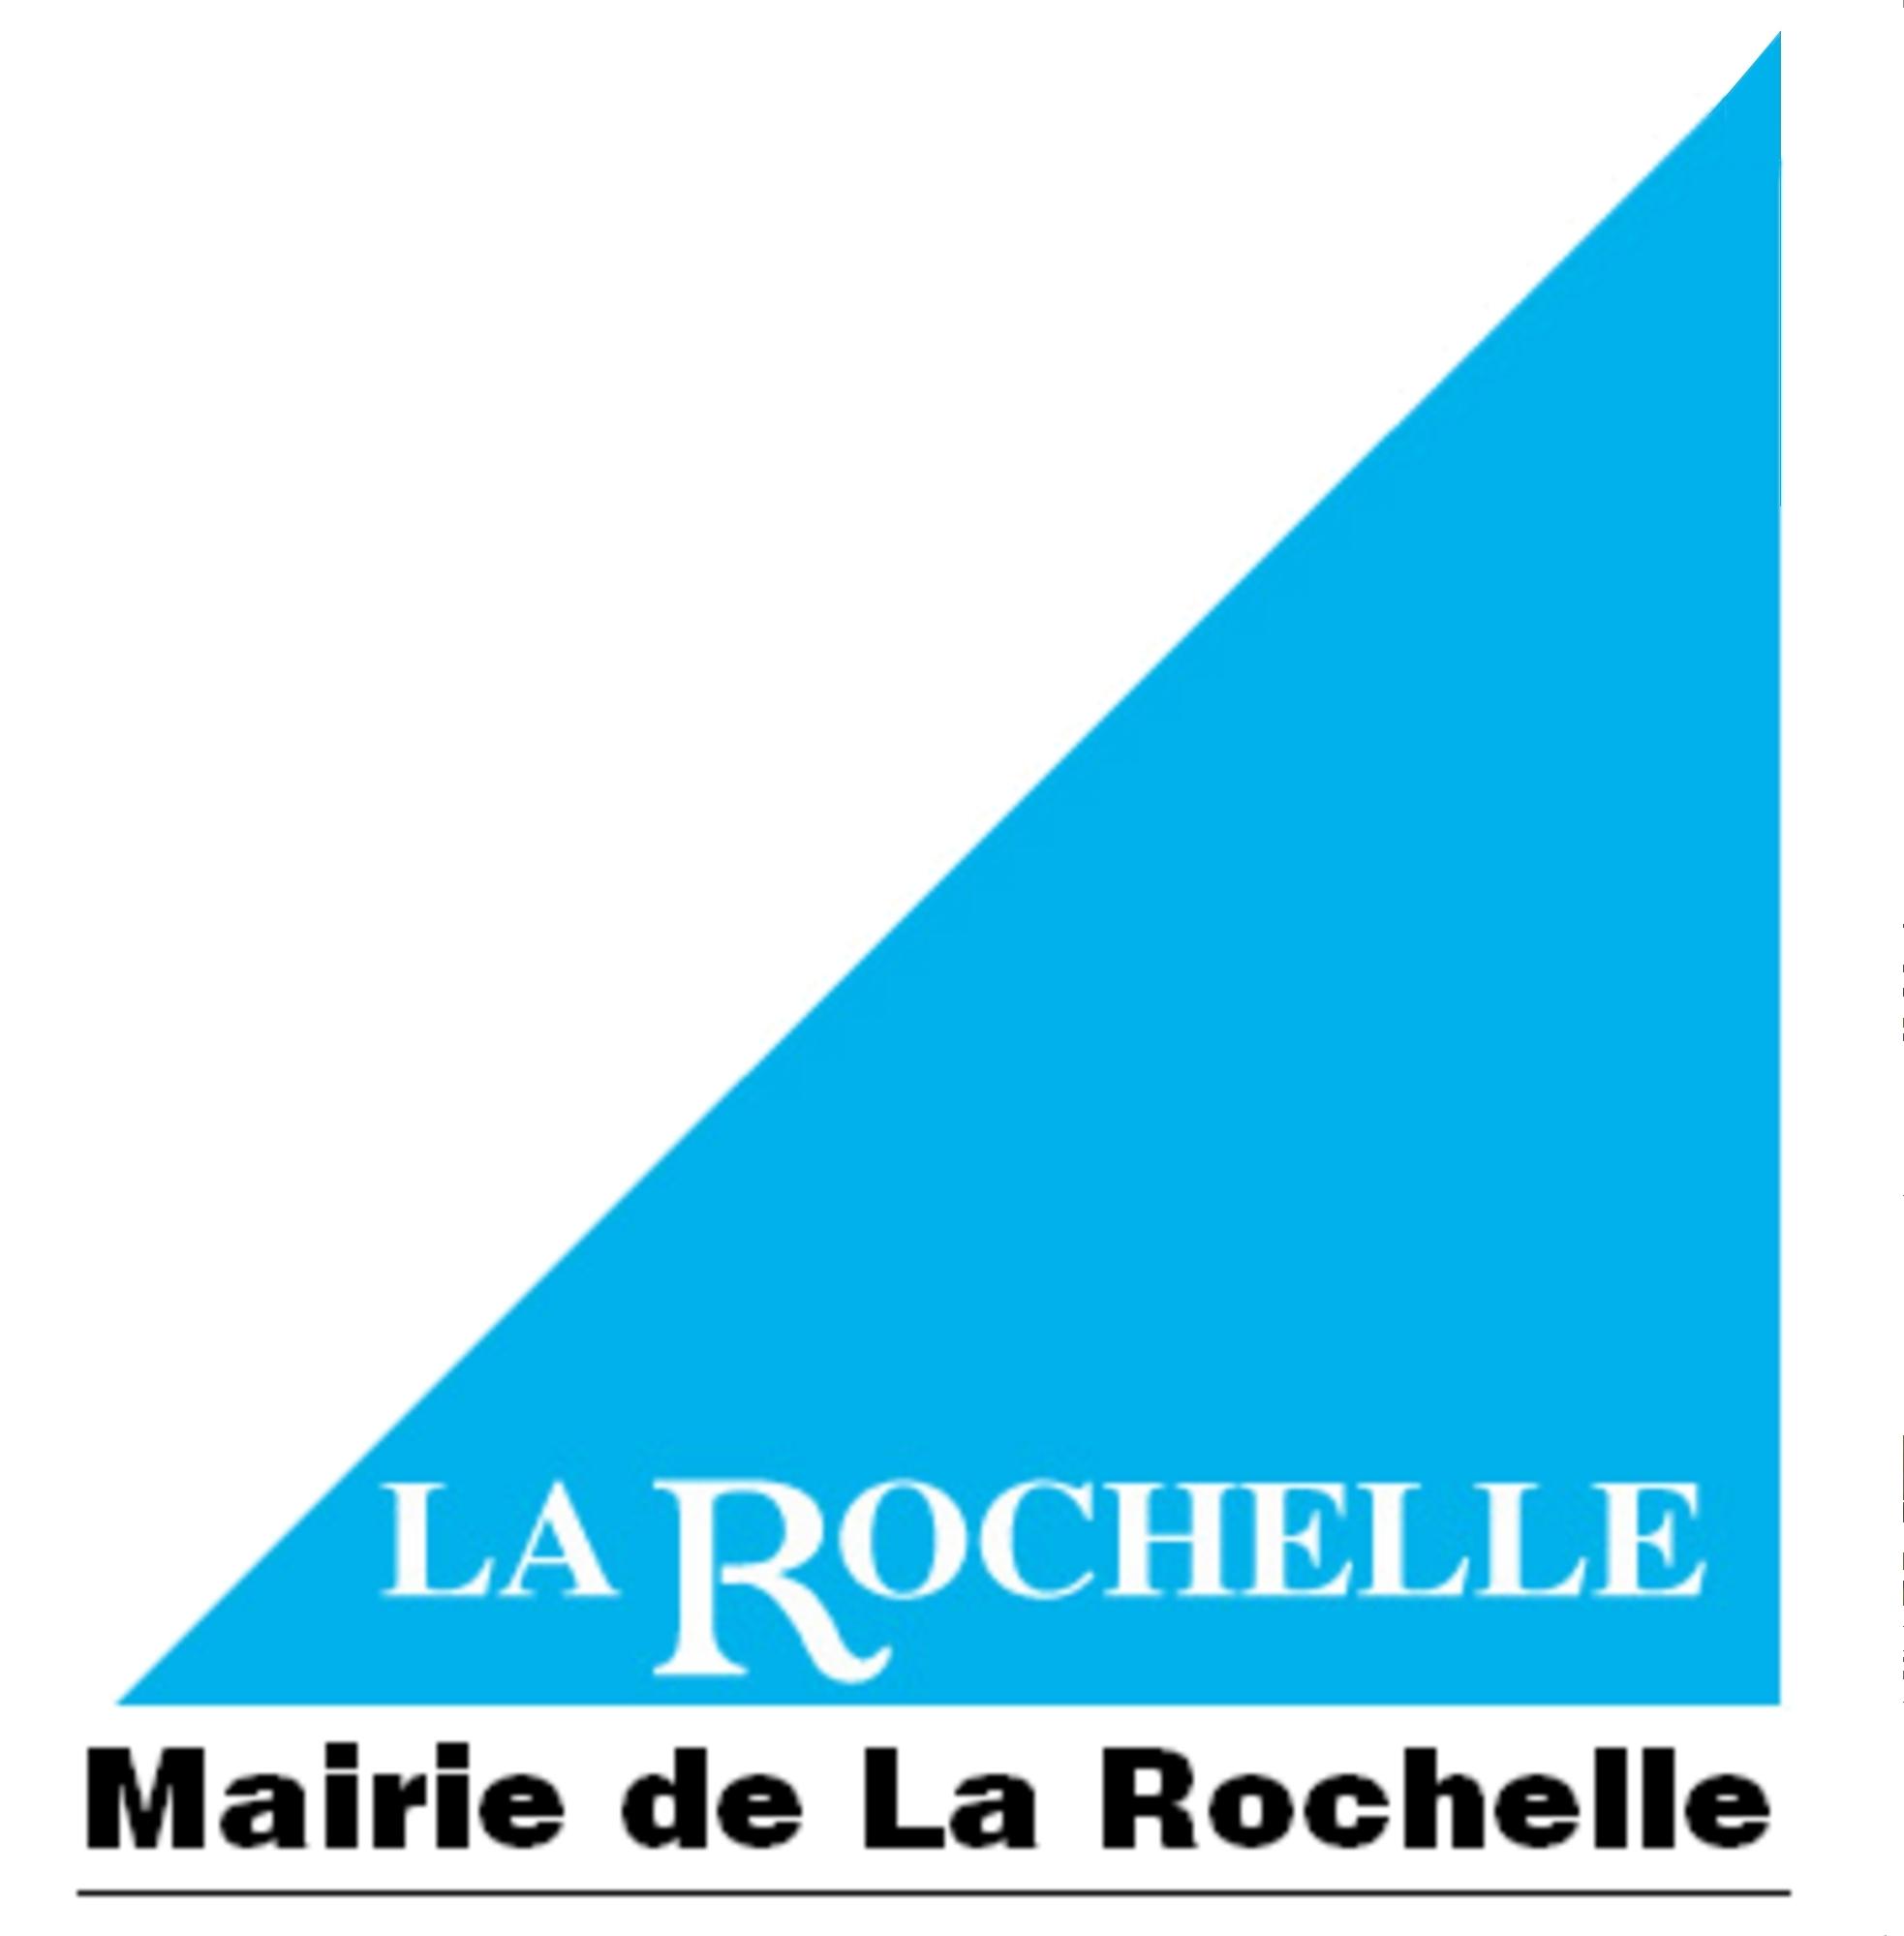 logoLAROCHELLE — Rugby Club Entreprises Nouvelle-Aquitaine